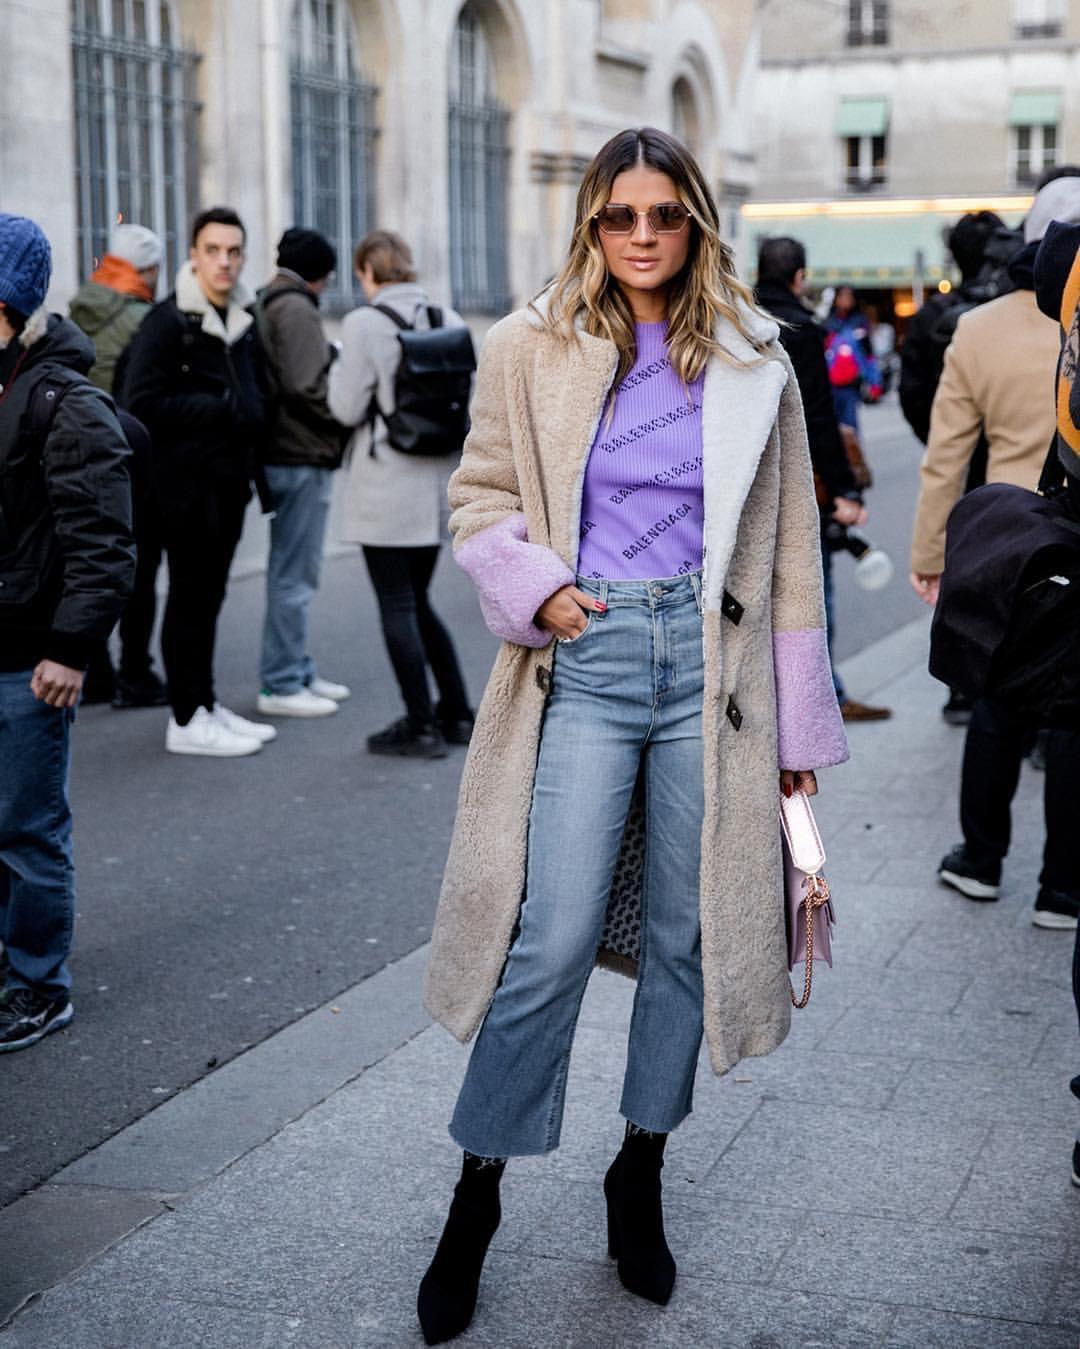 thassia paris neon pastel roxo jeans balenciaga 2